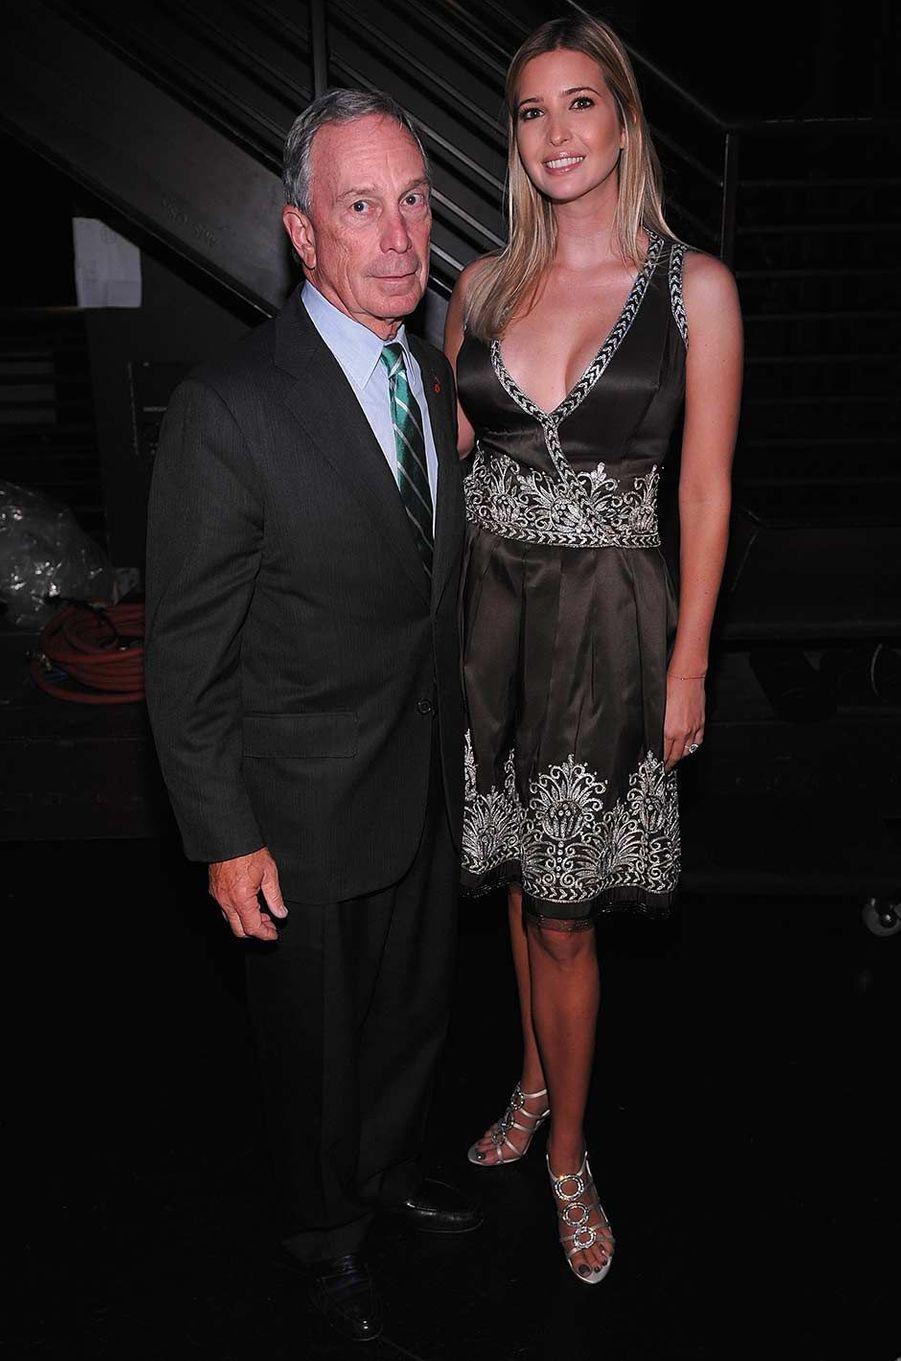 Michael Bloomberg et Ivanka Trump lors d'un gala en faveur de la lutte contre le cancer du sein à New York, en octobre 2010.